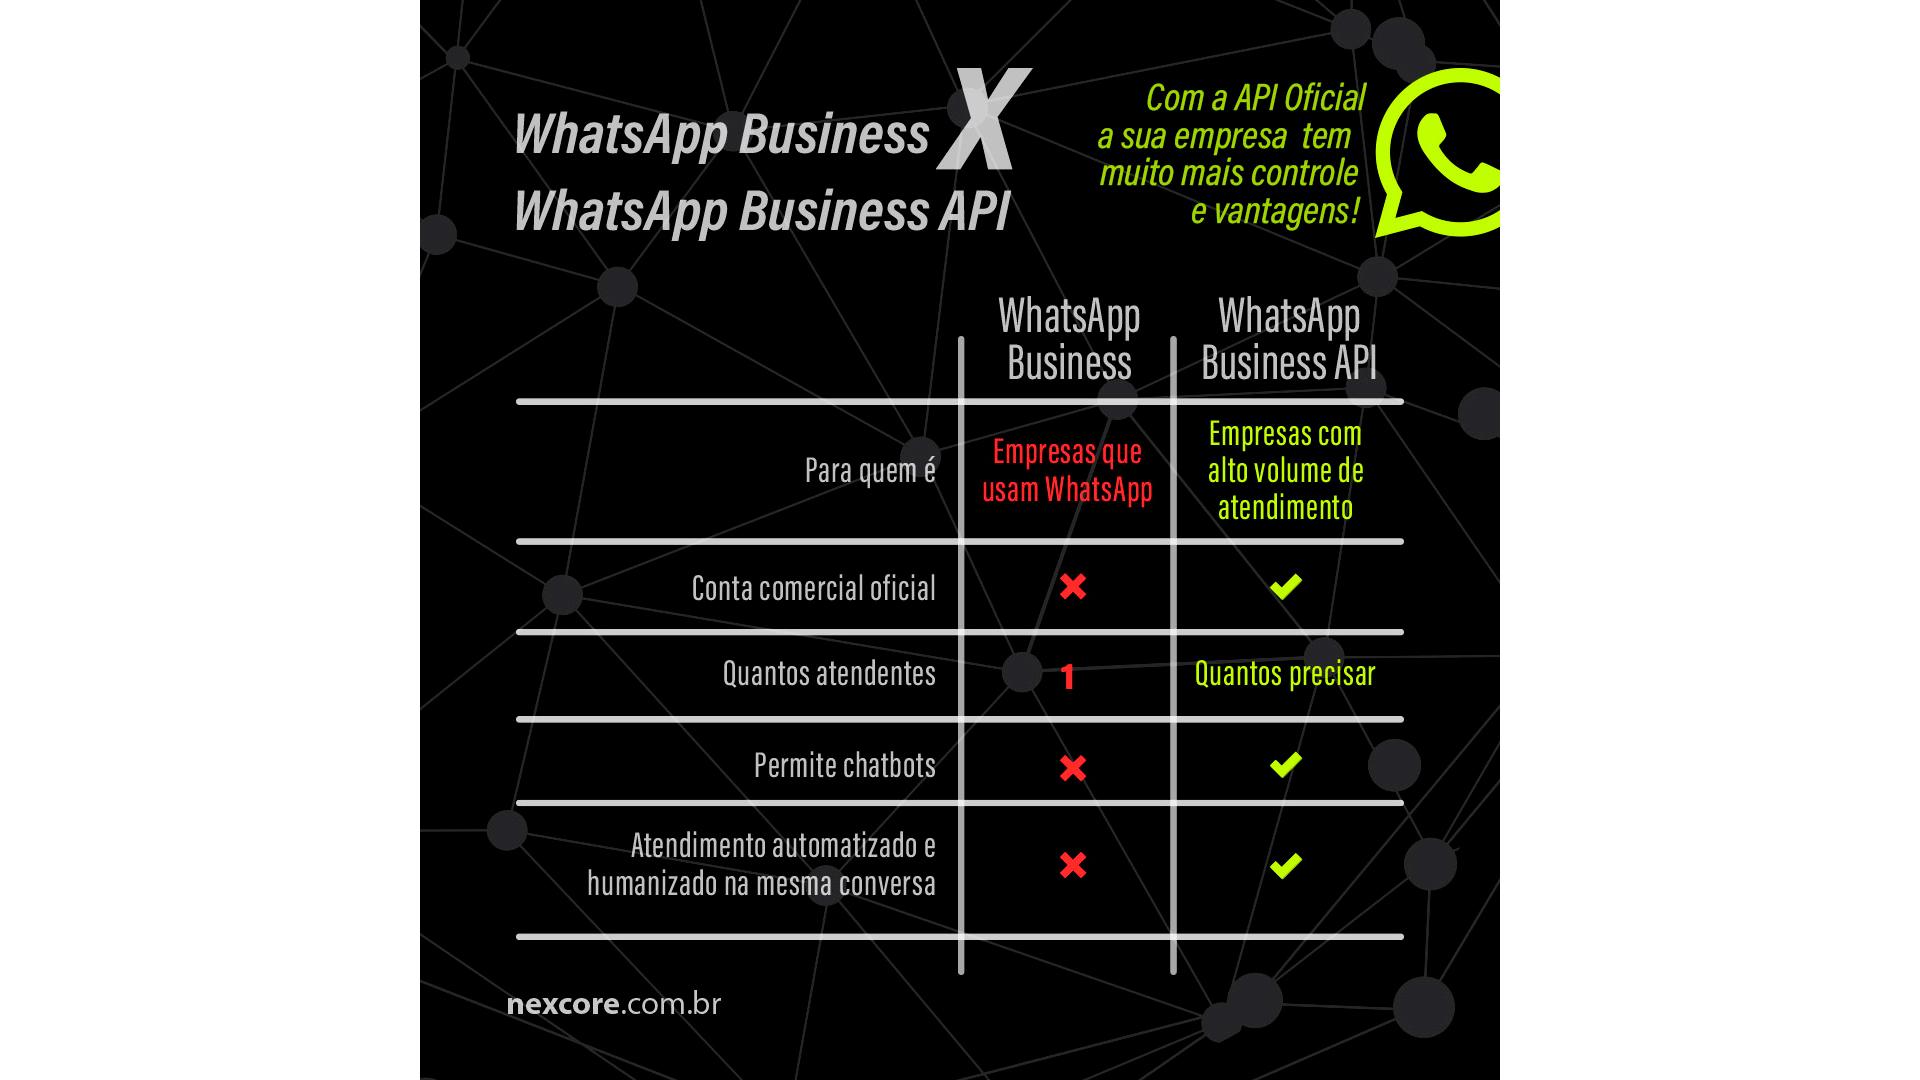 O Nexus potencializou a utilização do WhatsApp no atendimento dos clientes da Rentcars.com.